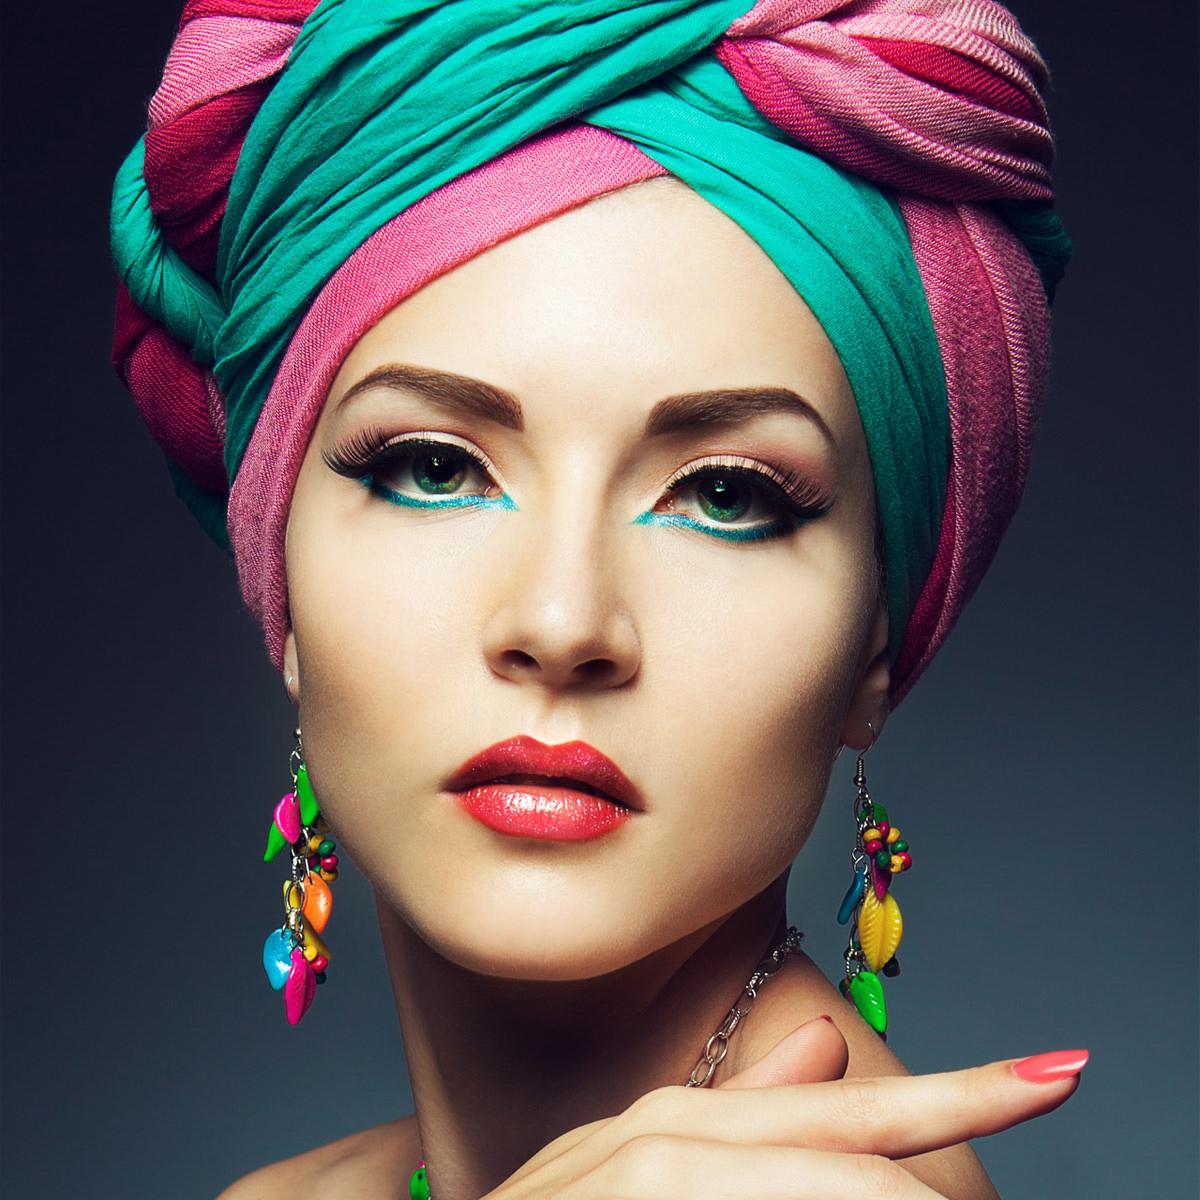 Top Makeup Artist in Mumbai for Prosthetic Makeup